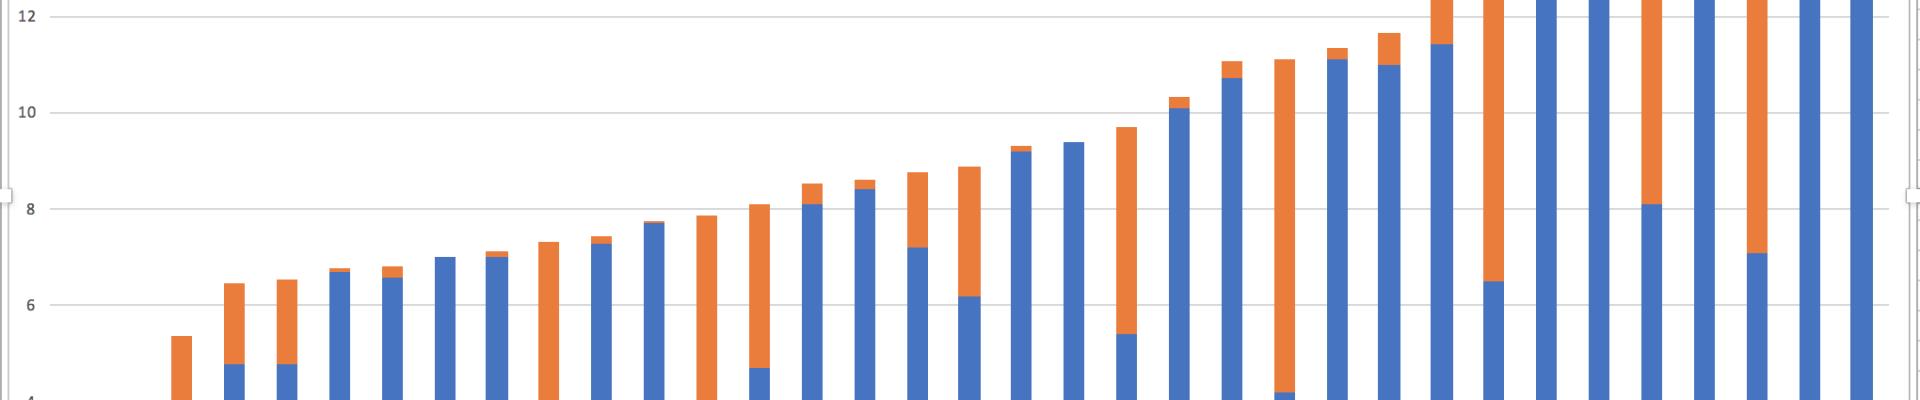 La France dépense-t-elle beaucoup pour les retraites ?